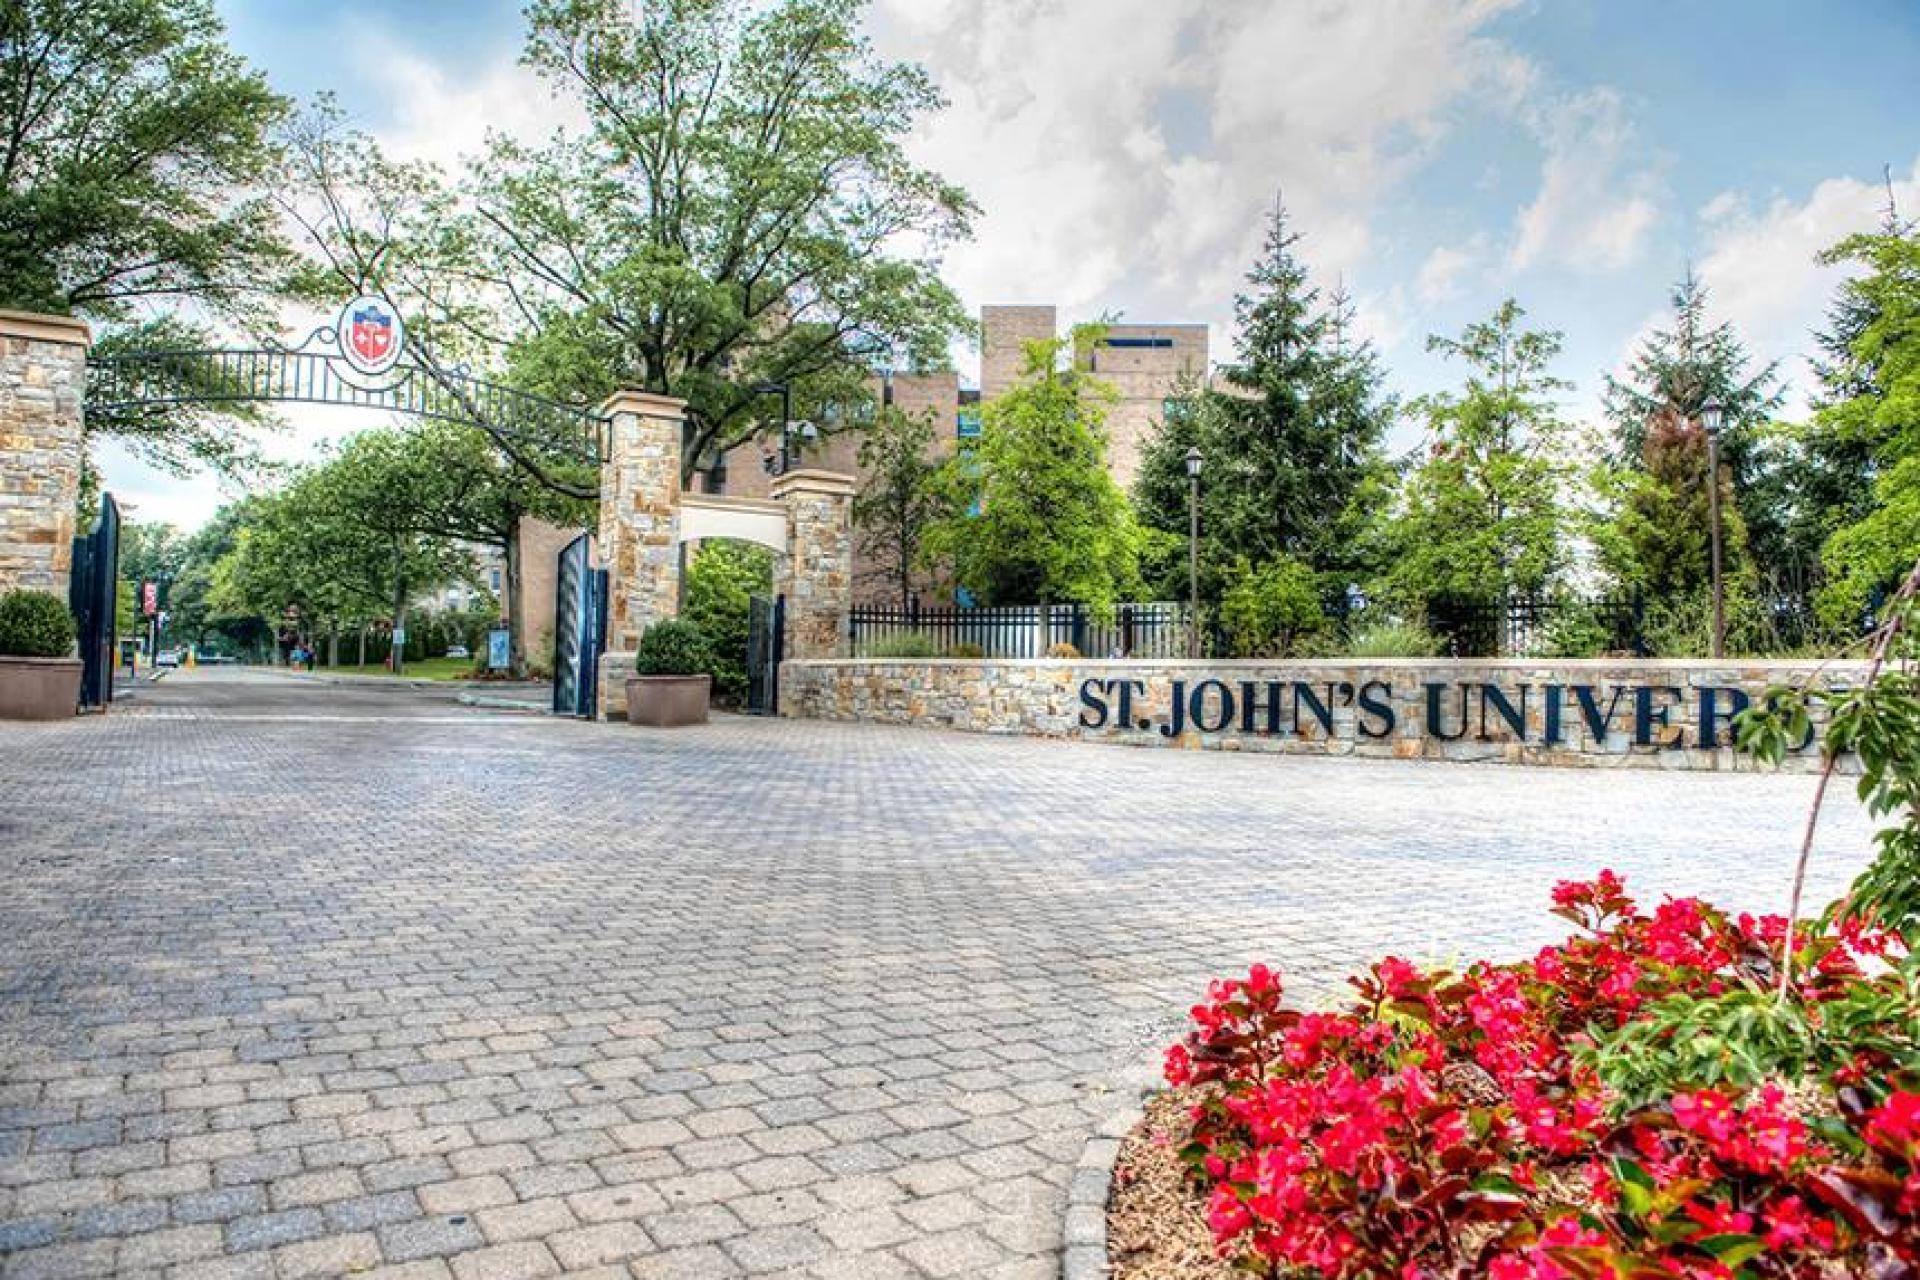 セント・ジョーンズ大学